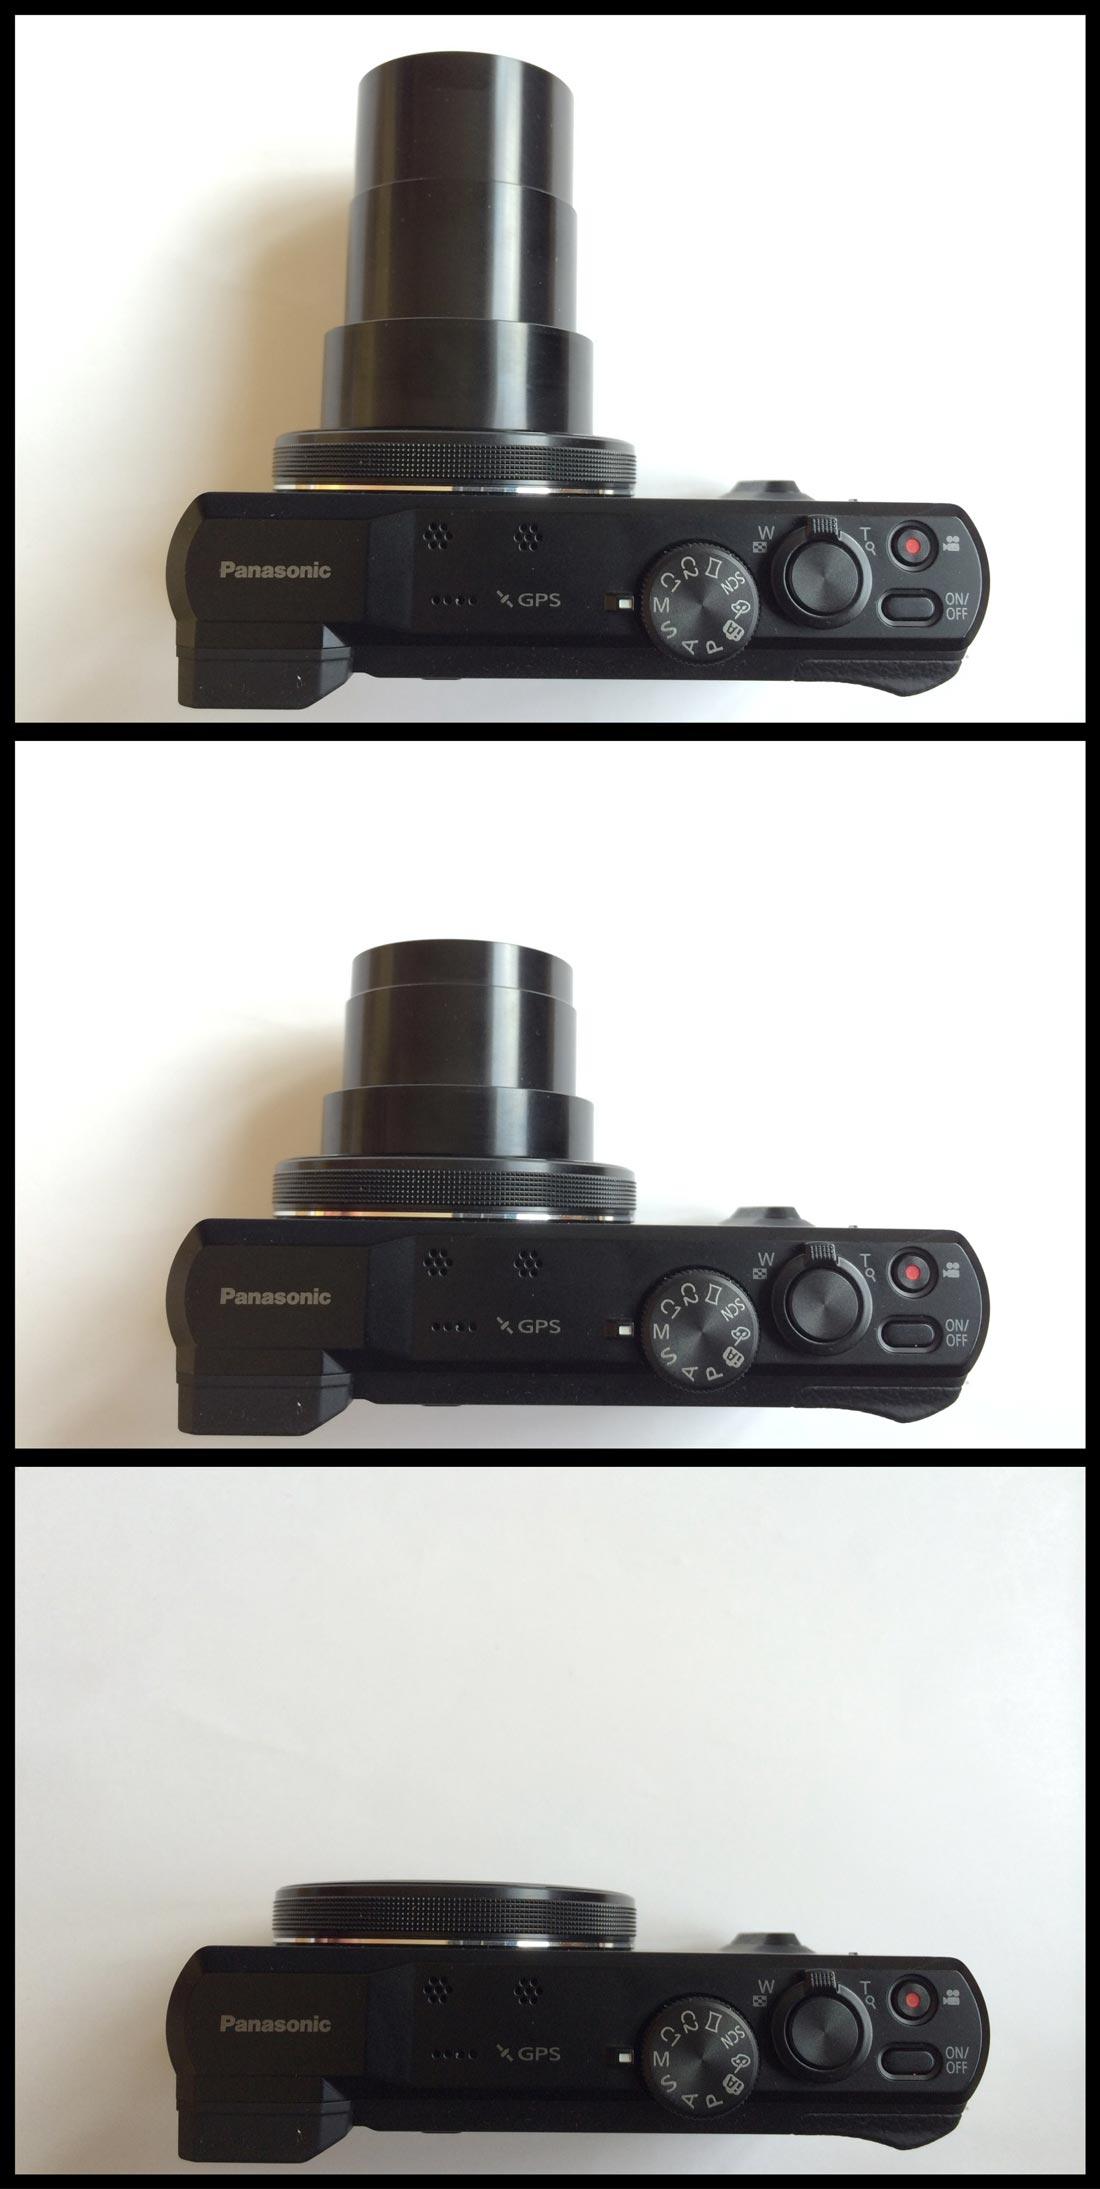 Le TZ60 éteint, le zoom en position grand angle et téléobjectif. Ph. Moctar KANE.